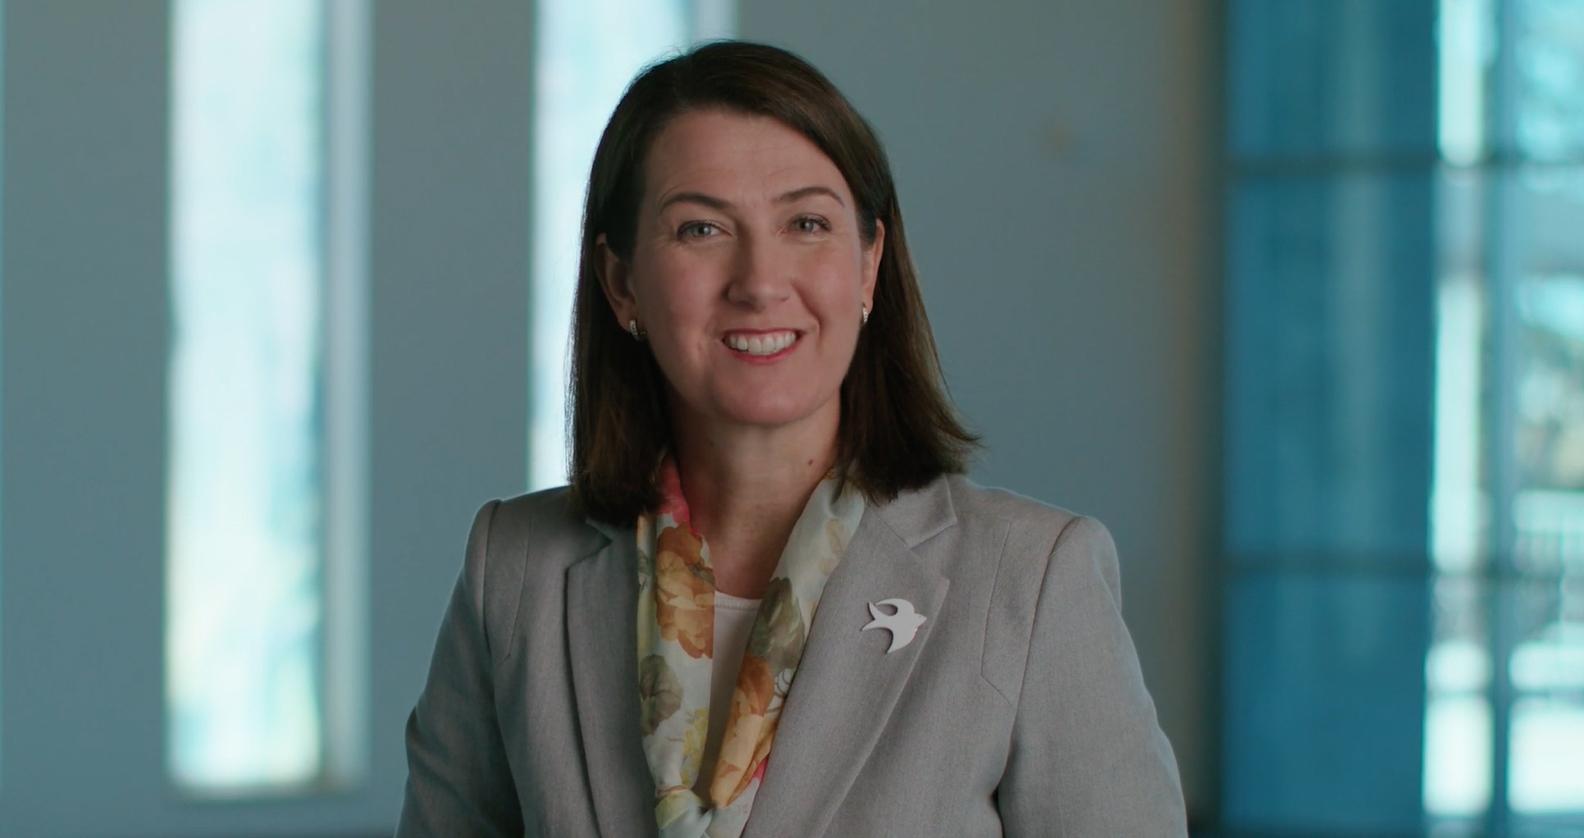 Cathy Hains, Deputy Principal Middle School